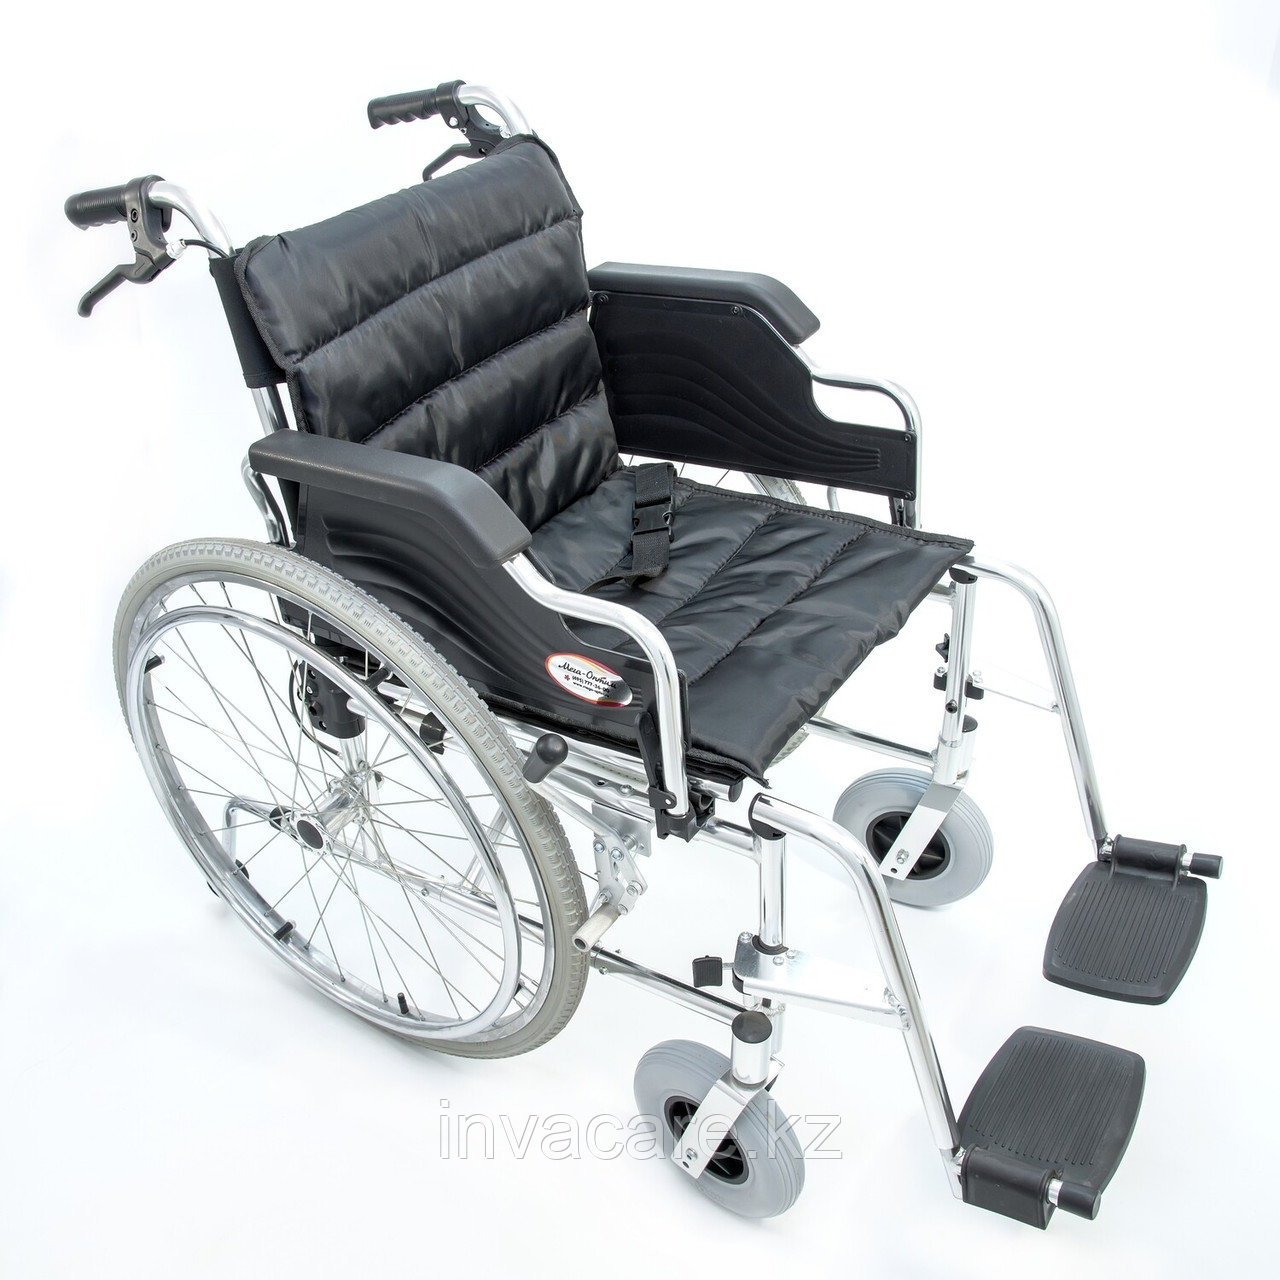 Инвалидная коляска Мега Оптим FS 908 LJ